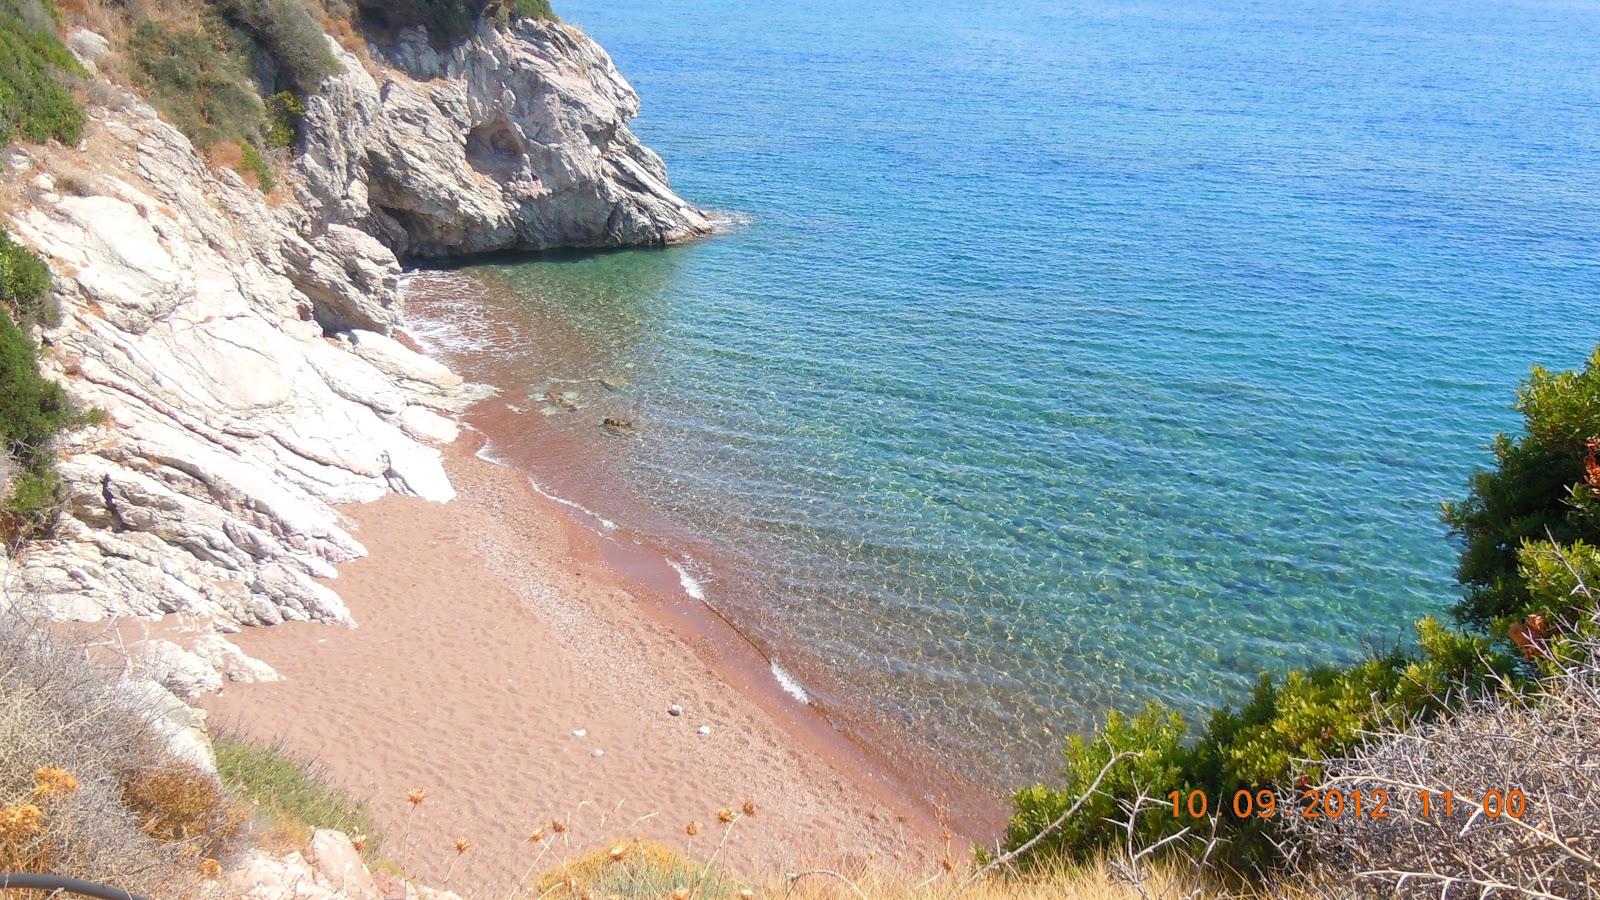 Είναι στη συνέχεια της παραλίας  Άγιος Νικόλαος» και χωρίζεται από αυτή με  έναν βράχο. Πρόκειται για μια πολύ μικρή παραλία στην εσοχή δύο βράχων. f3387fdc685